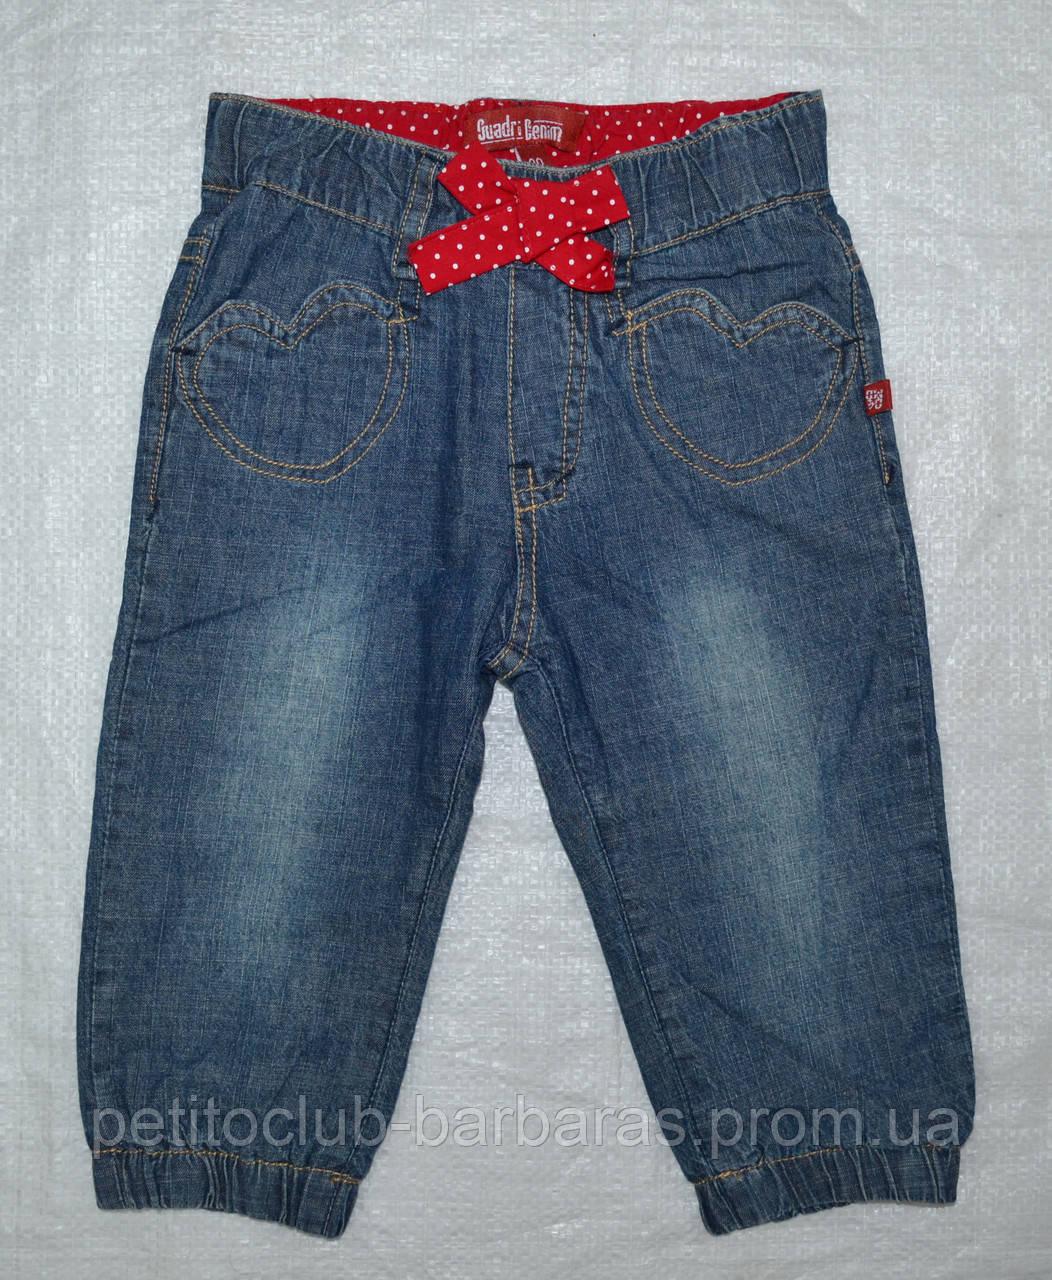 Джинсы на хлопковой подкладке для девочки (Quadrifoglio, Польша)